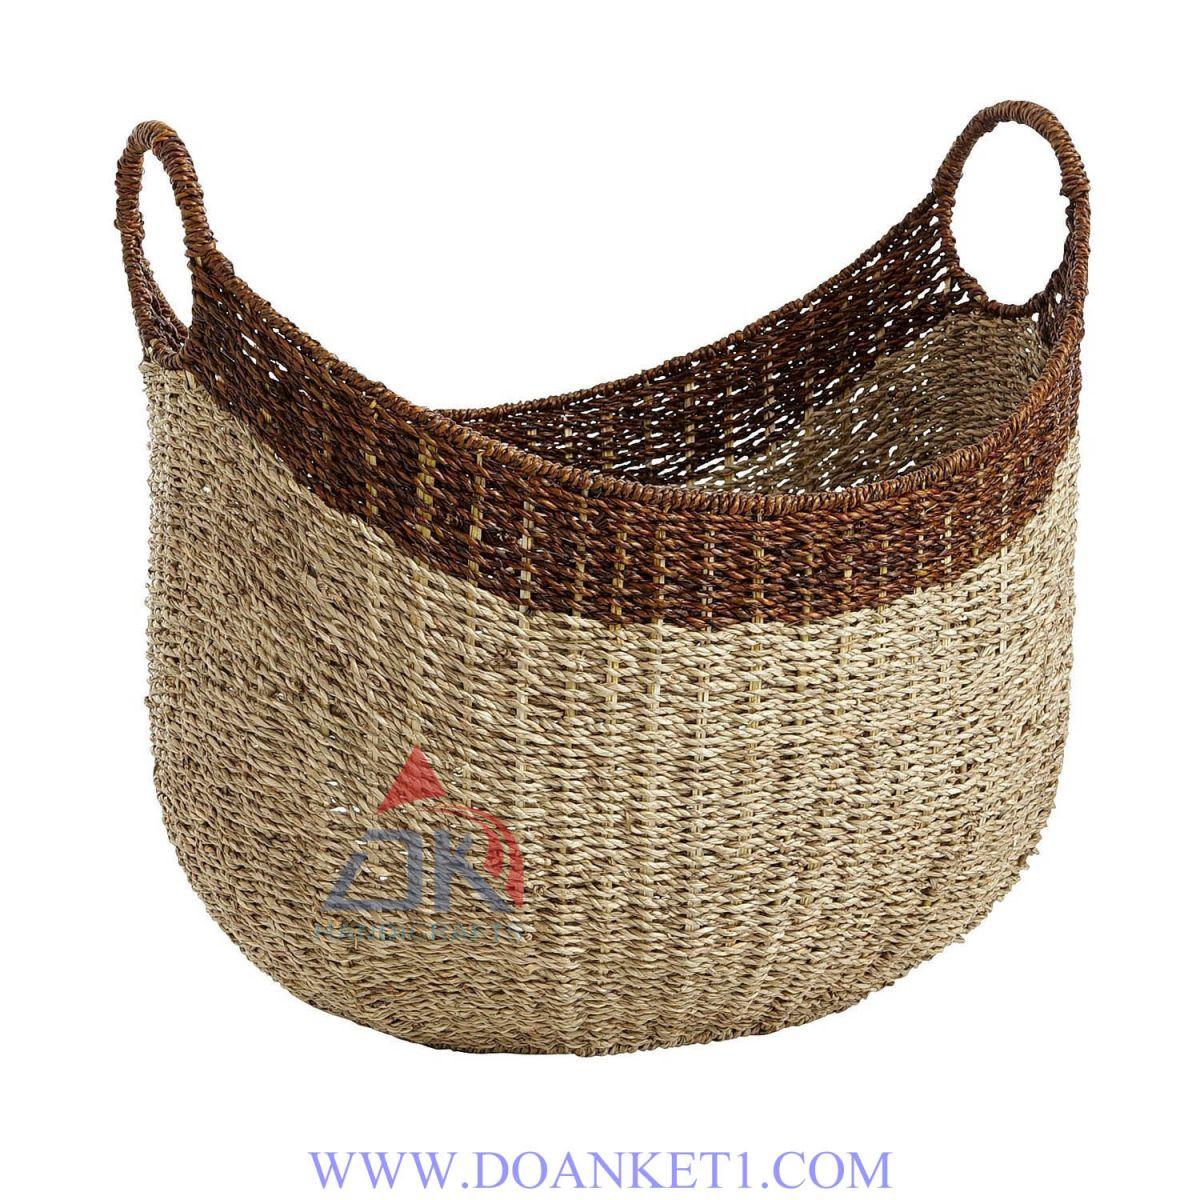 Seagrass Basket # DK230